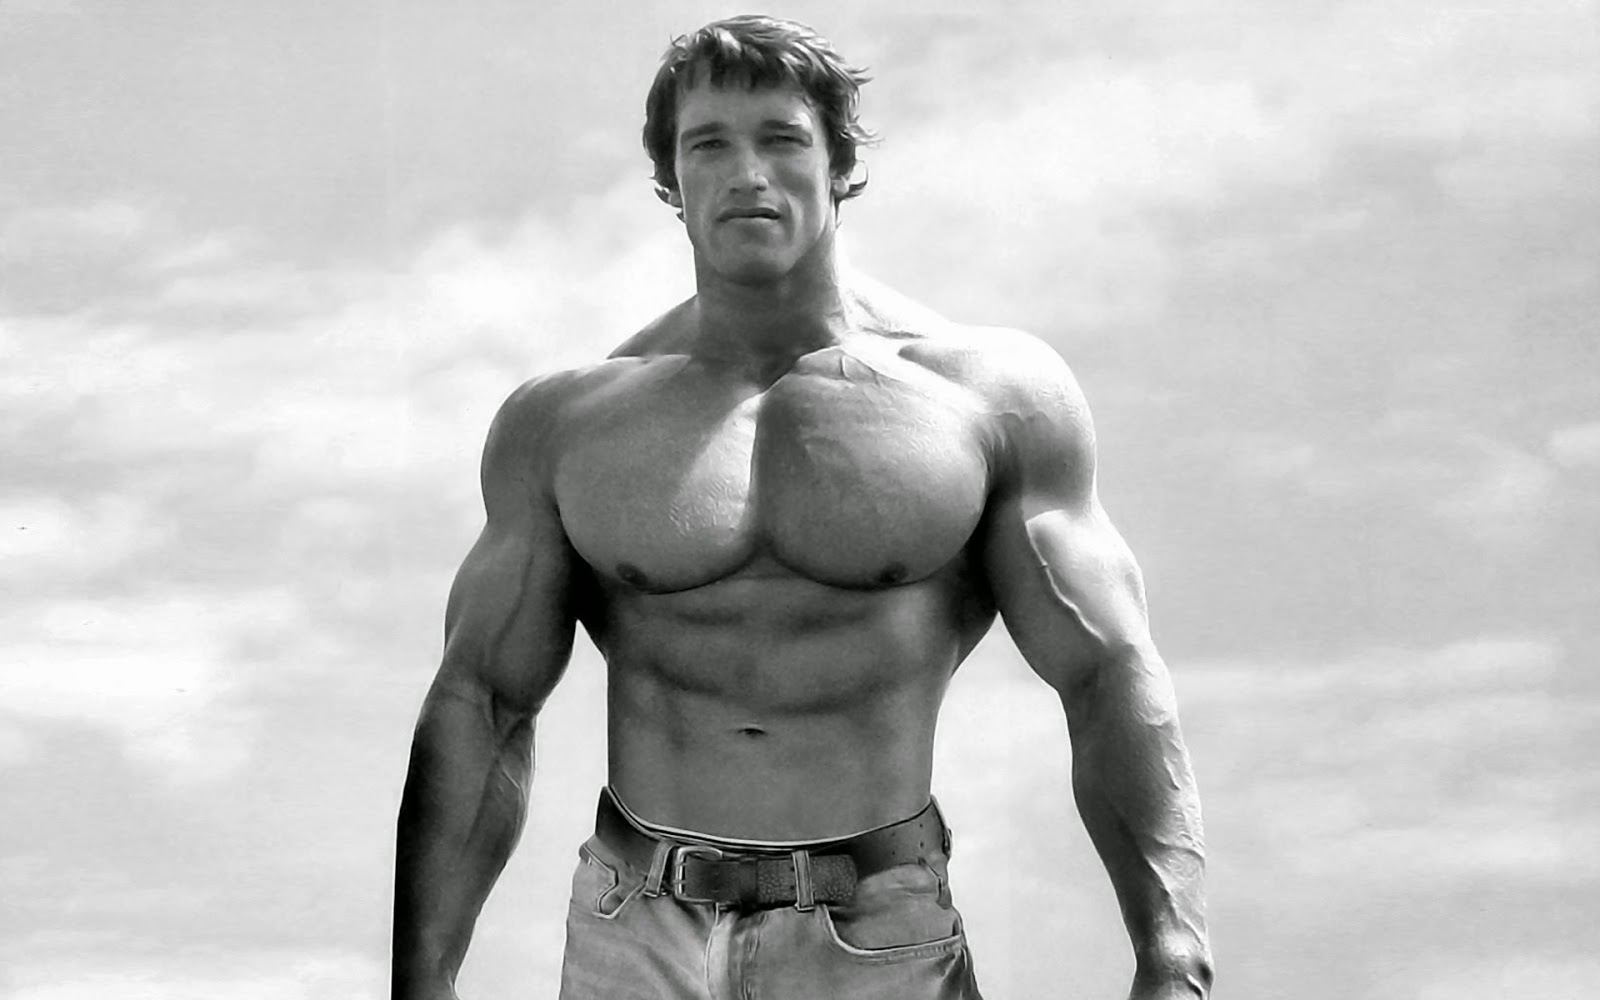 Hipertrofia muscular e seu significado